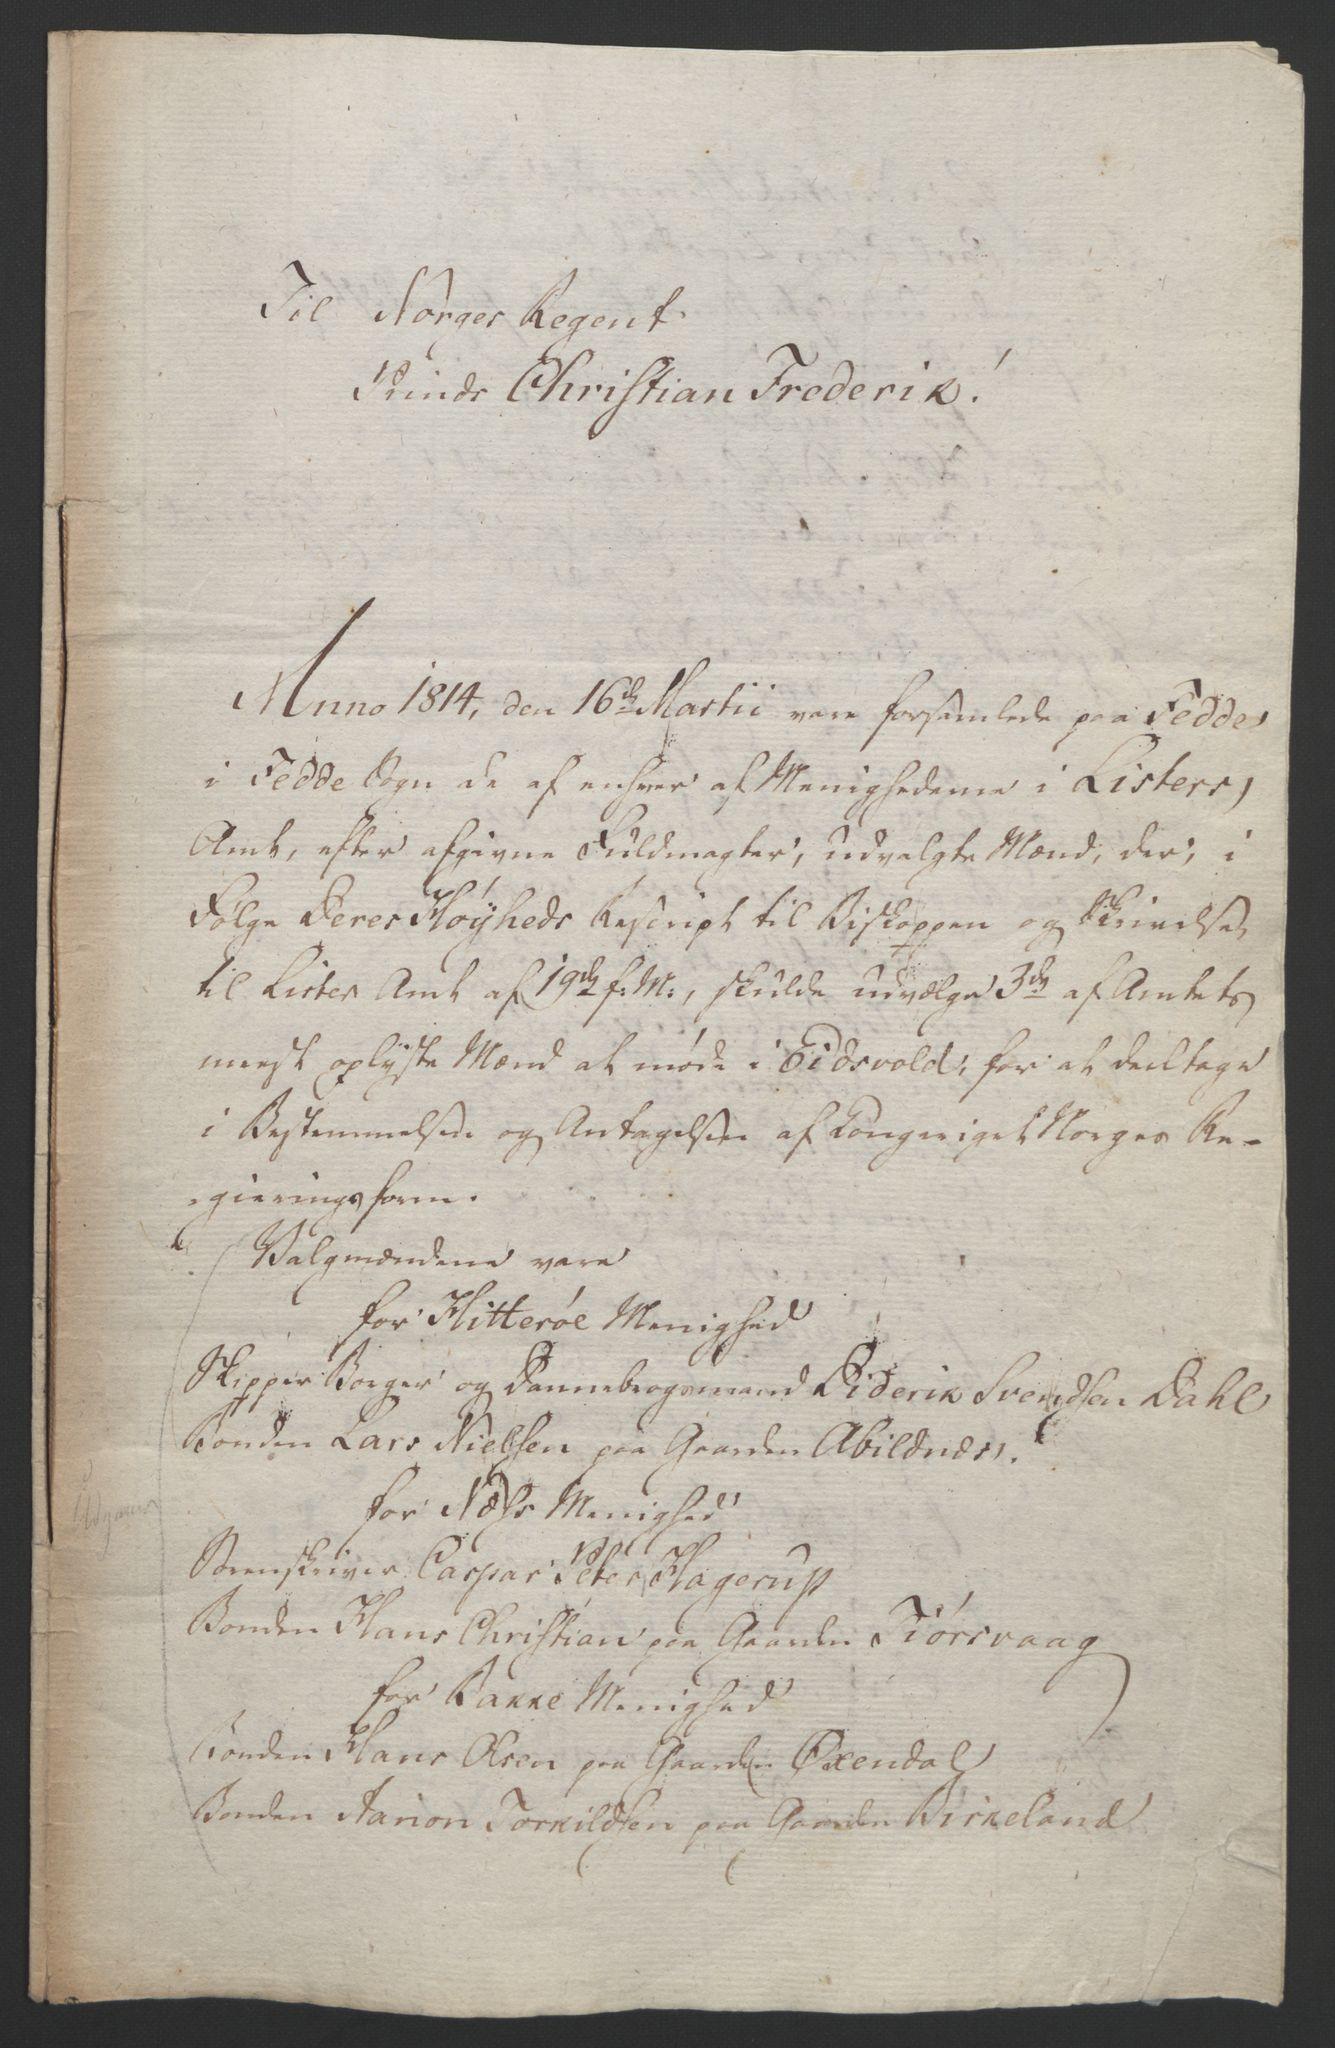 RA, Statsrådssekretariatet, D/Db/L0008: Fullmakter for Eidsvollsrepresentantene i 1814. , 1814, s. 148